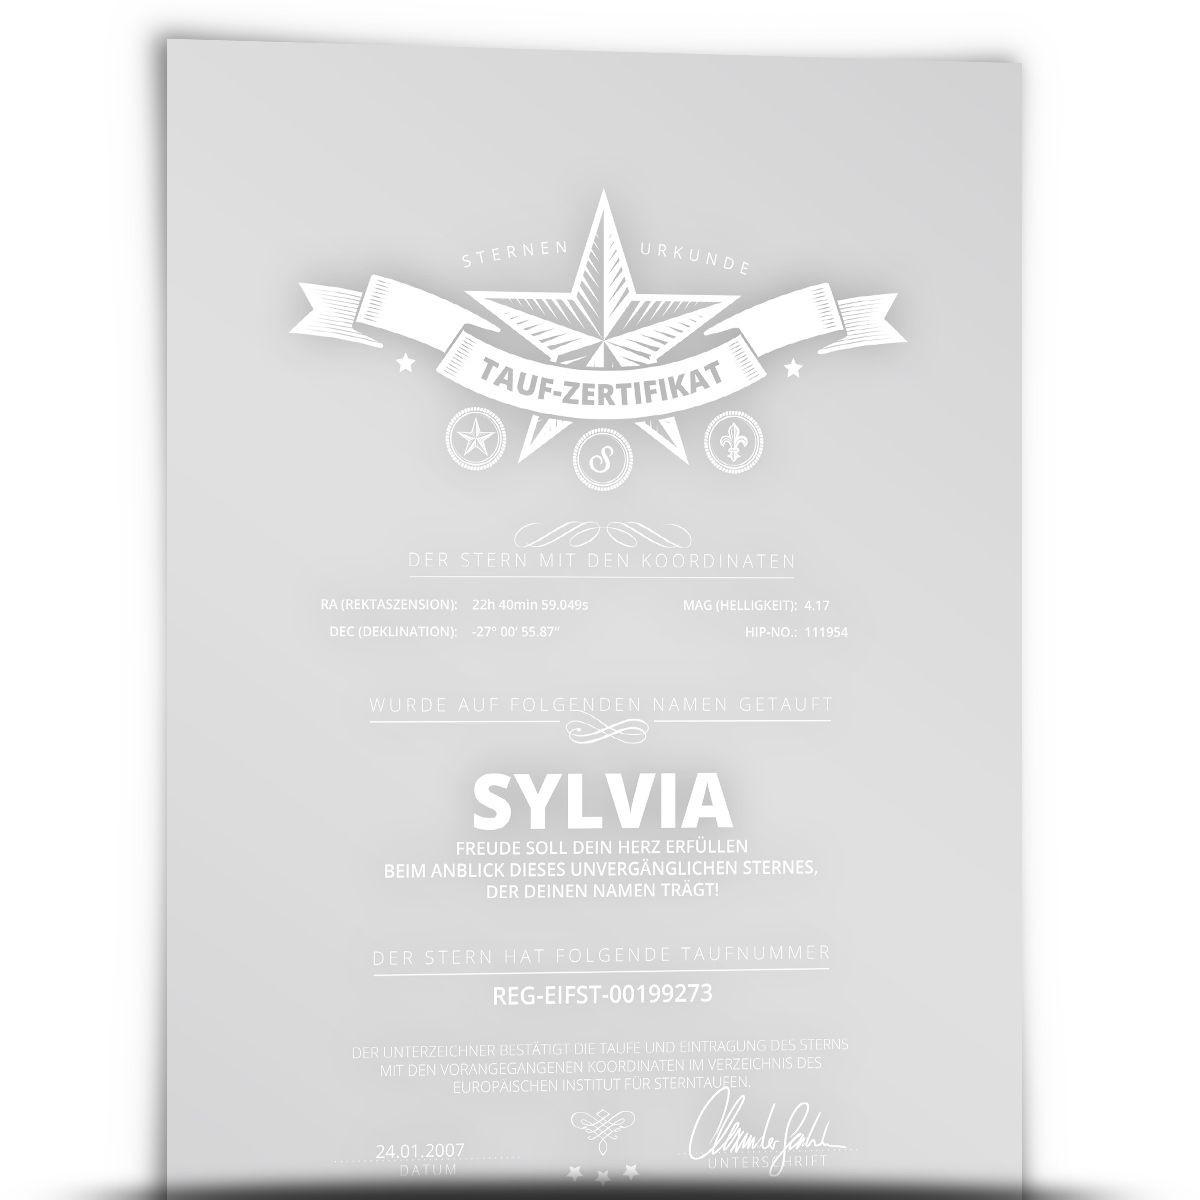 Magnificent Beispiel Taufe Zertifikatvorlage Ensign - FORTSETZUNG ...